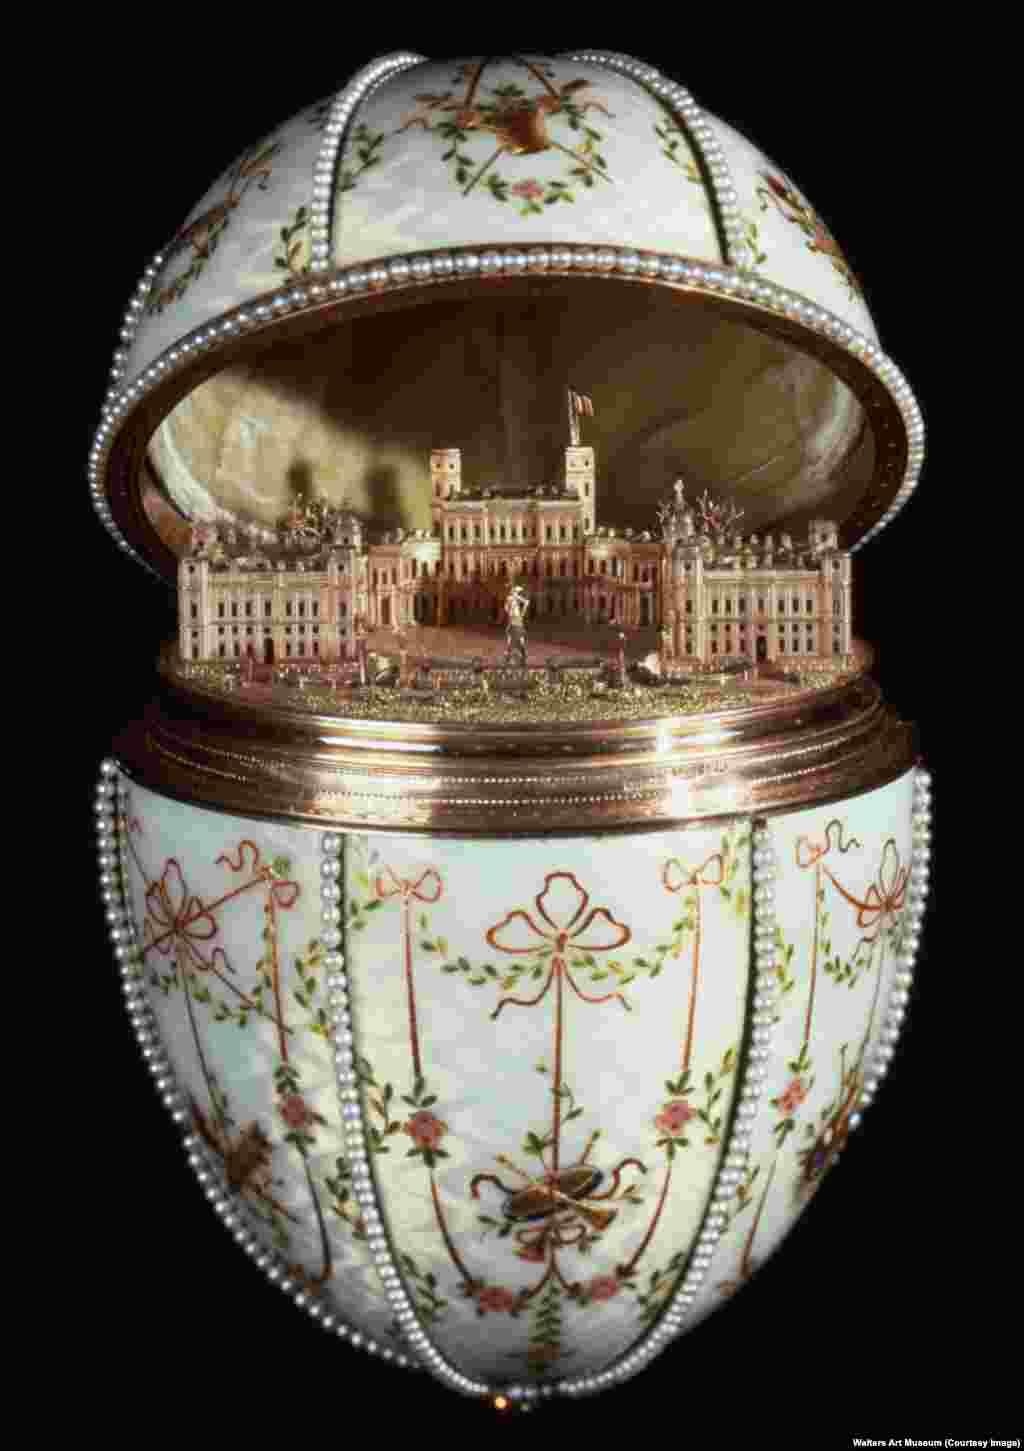 """მეფეები ფაბერჟესგან ელოდნენ, რომ კვერცხებში რაიმე """"სიურპრიზი"""" ყოფილიყო მოთავსებული. ამ კვერცხში იმპერატორის ერთ-ერთი რეზიდენციის, სანქტ-პეტერბურგის მახლობლად მდებარე გატჩინის სასახლის რვასანტიმეტრიანი მოდელი """"დაიმალა""""."""